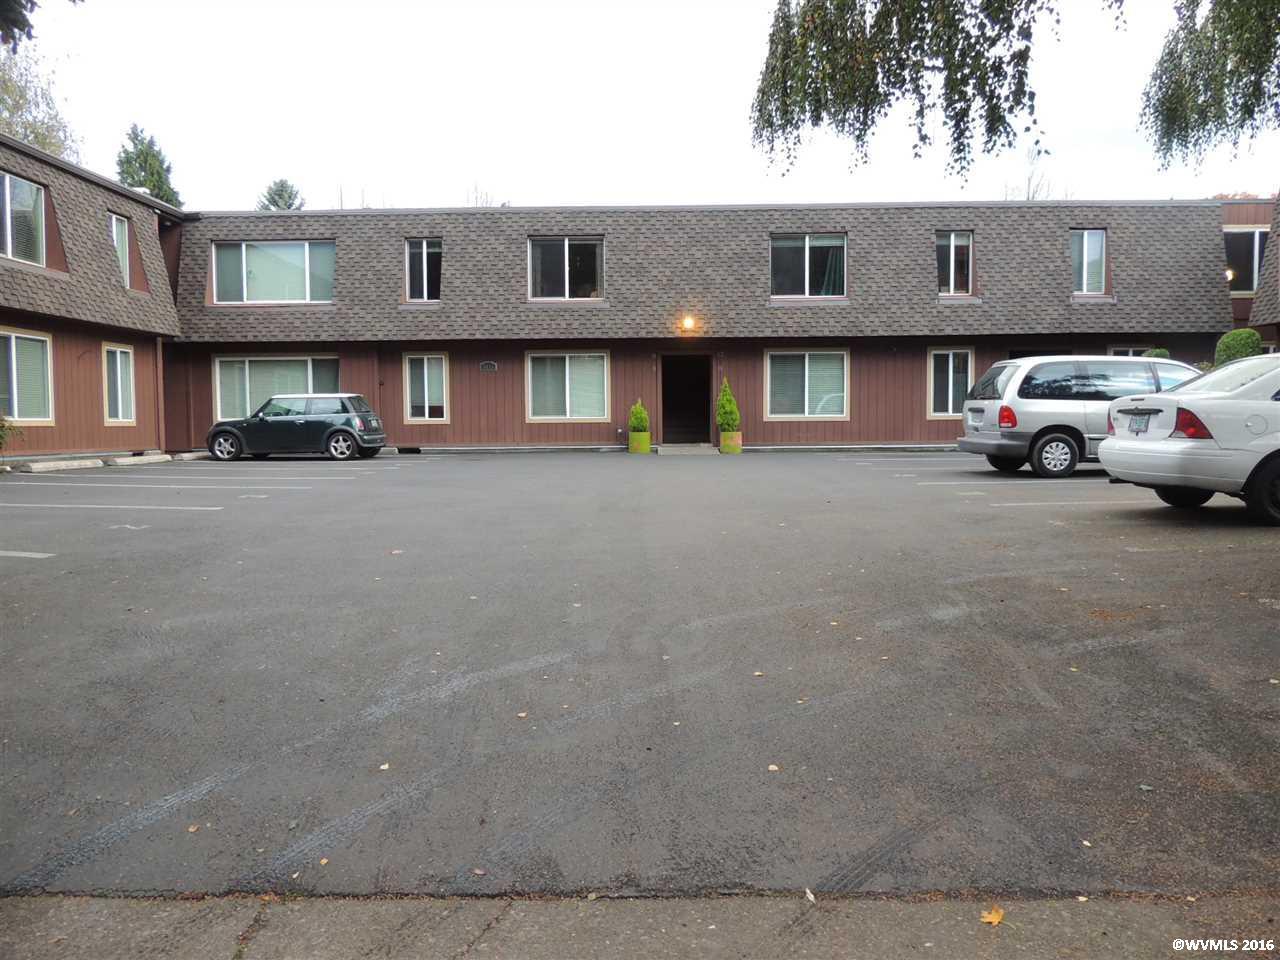 Photo of 8833 N Syracuse Unit 15 St  Portland  OR